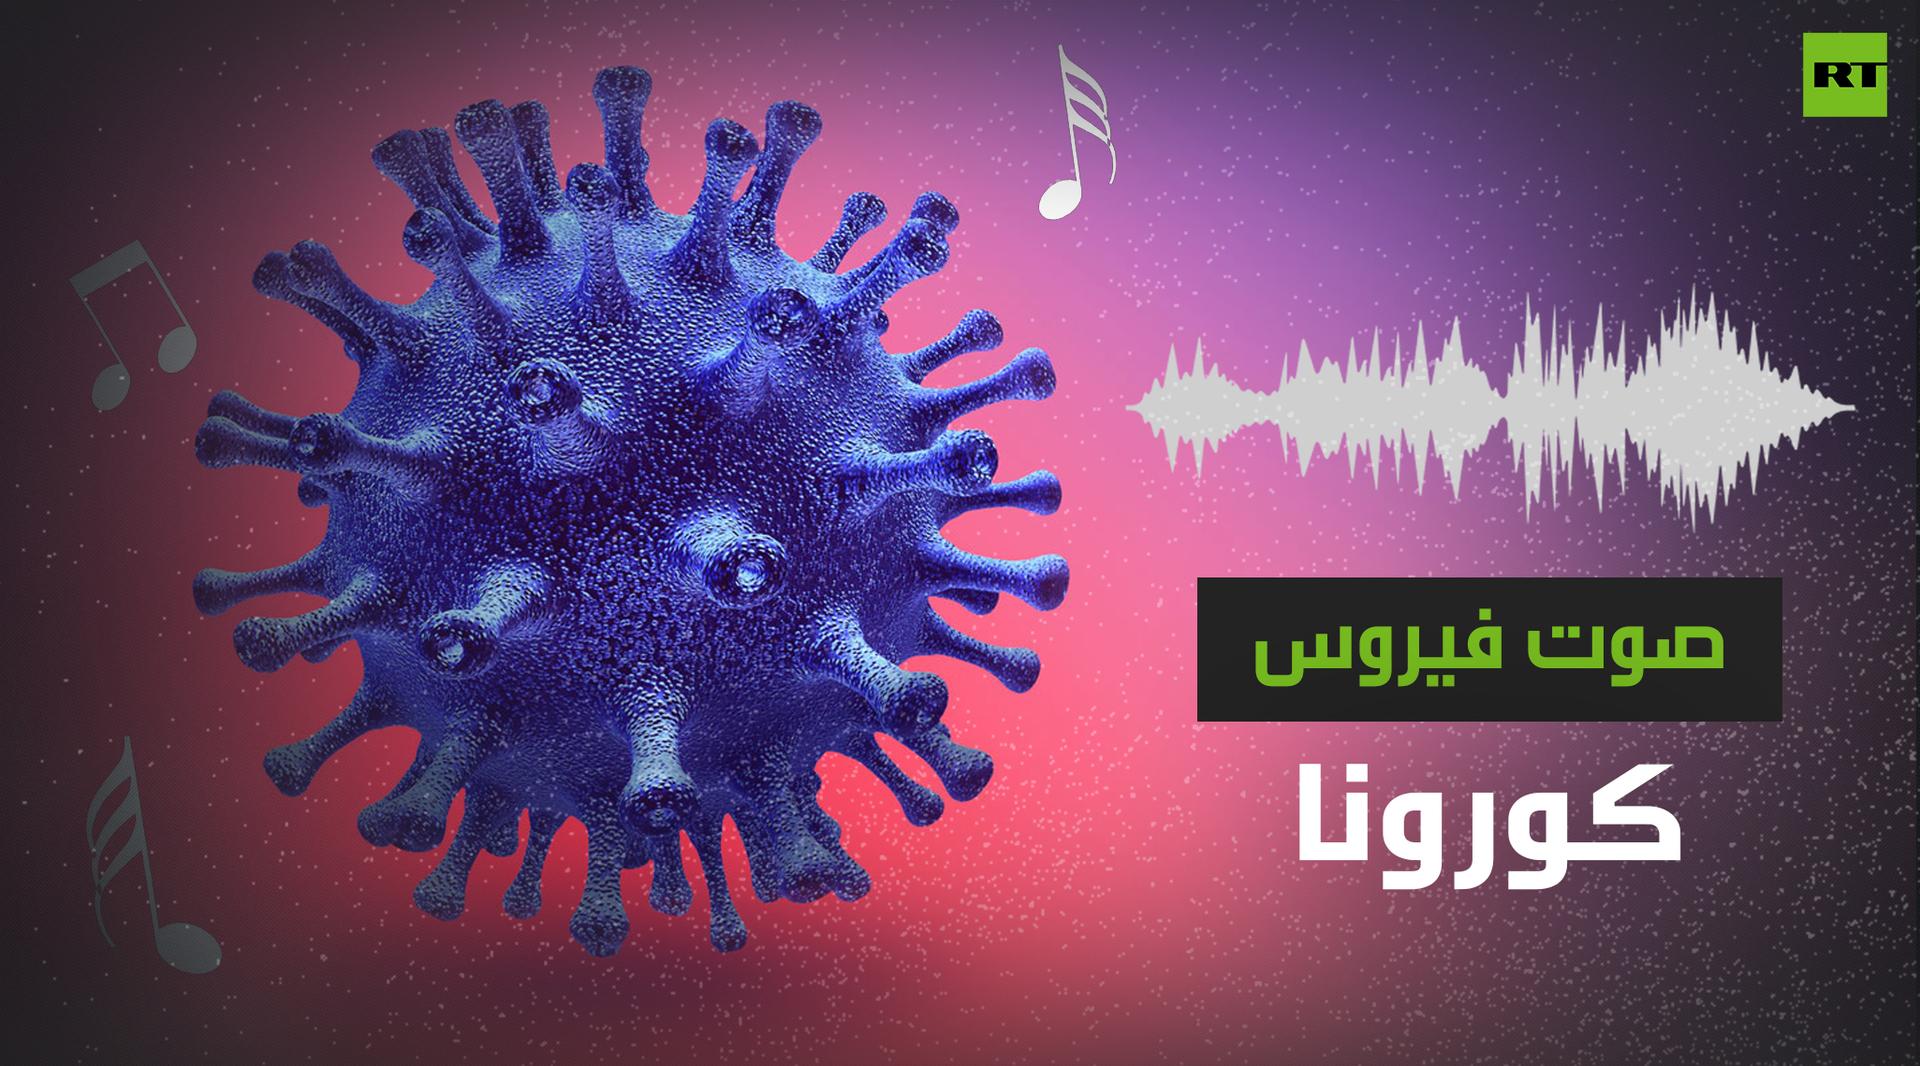 صوت فيروس كورونا